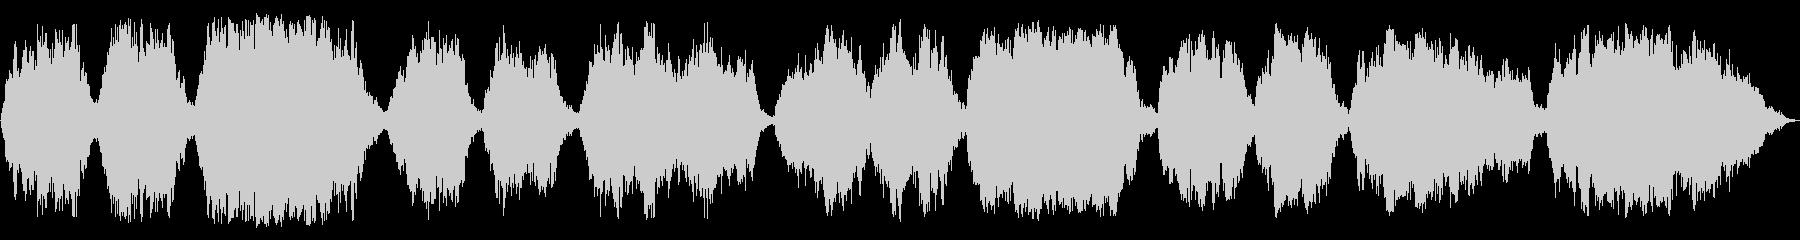 シネマティック センチメンタル サ...の未再生の波形